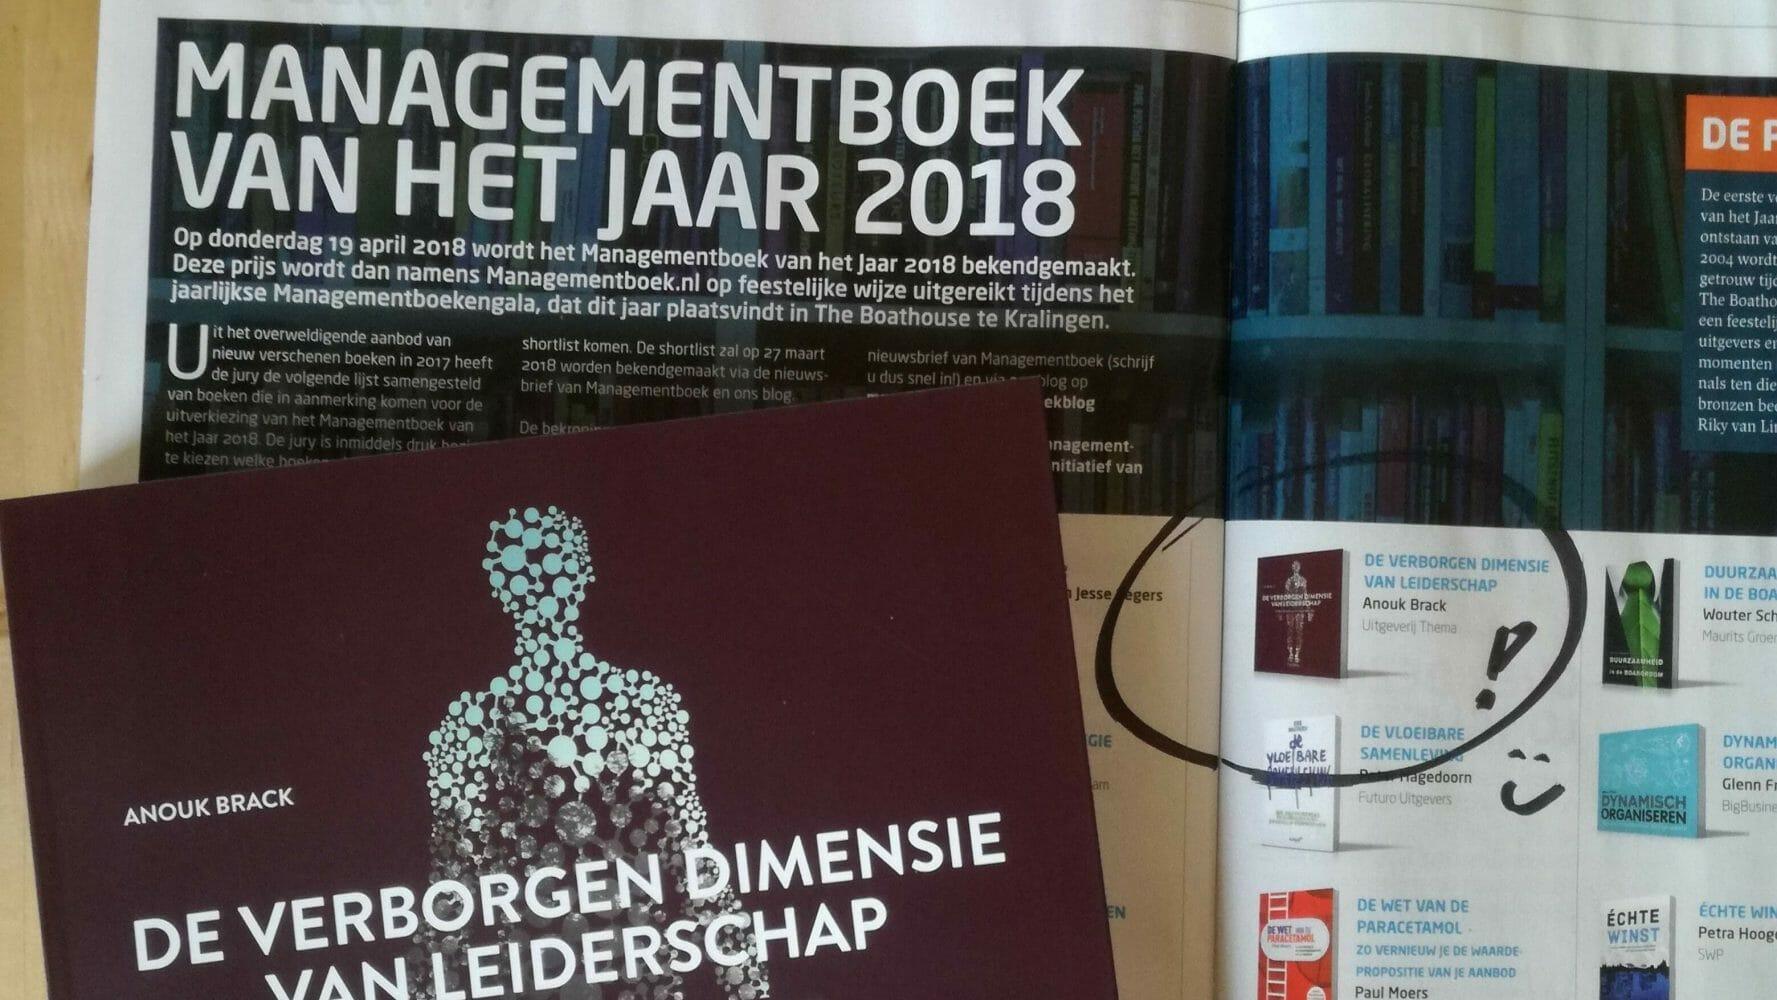 De verborgen dimensie van leiderschap op de longlist van Managementboek van het jaar 2018